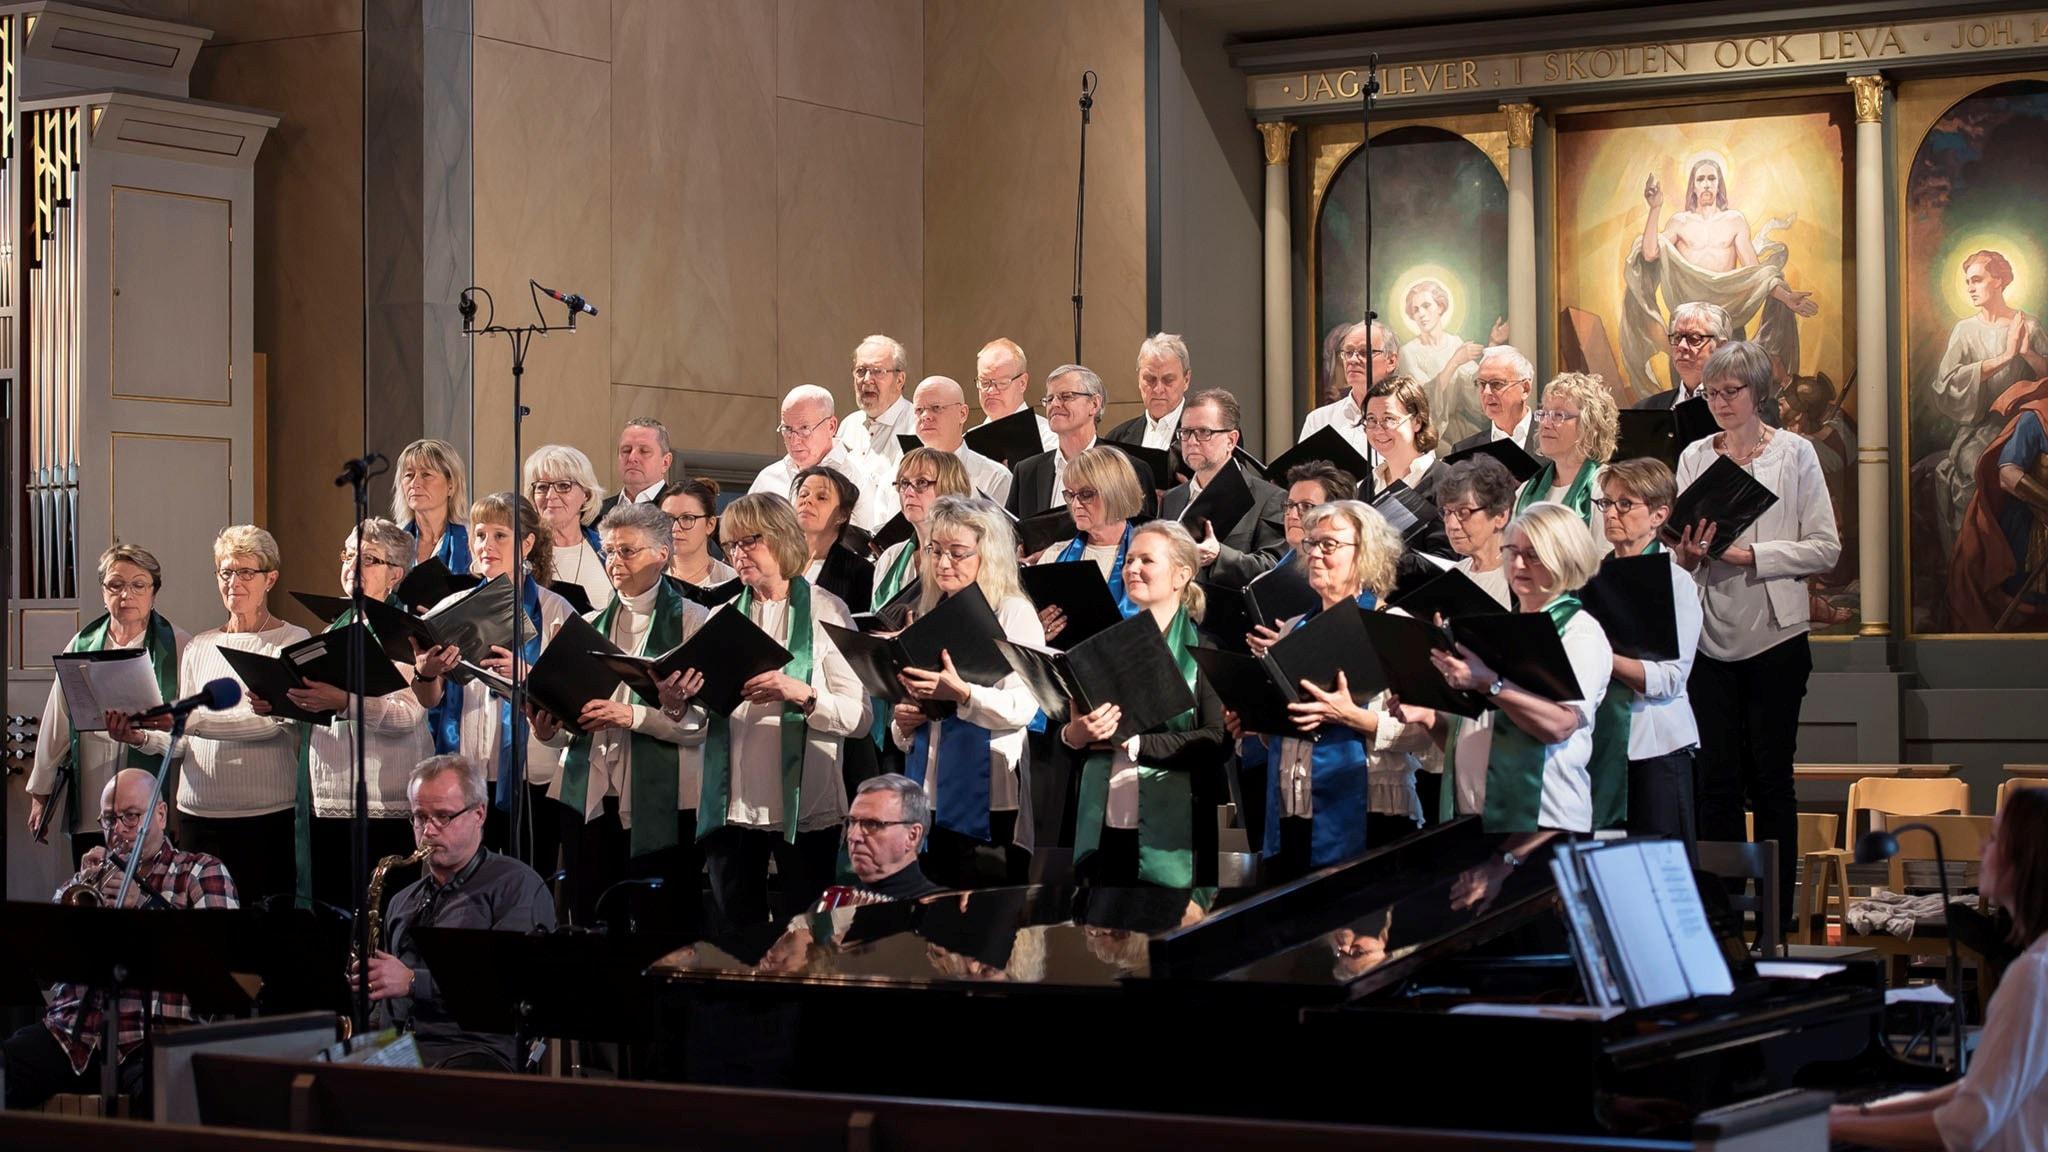 Kören Nova Vocs och Dalvikskyrkans kör med musiker.